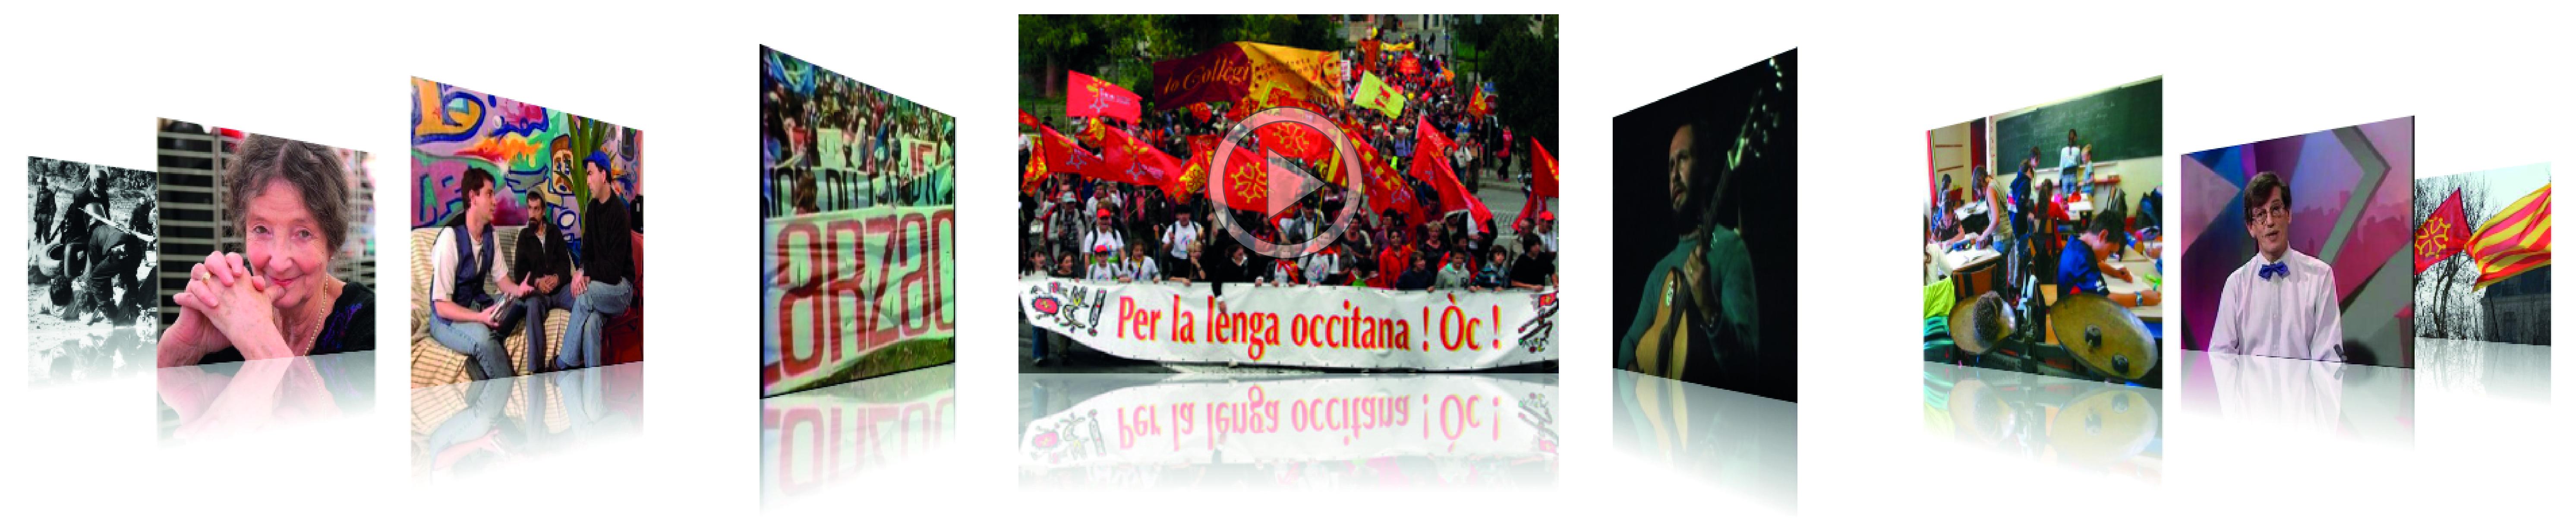 Journée du patrimoine : « 50 ans de borbolh occitan »